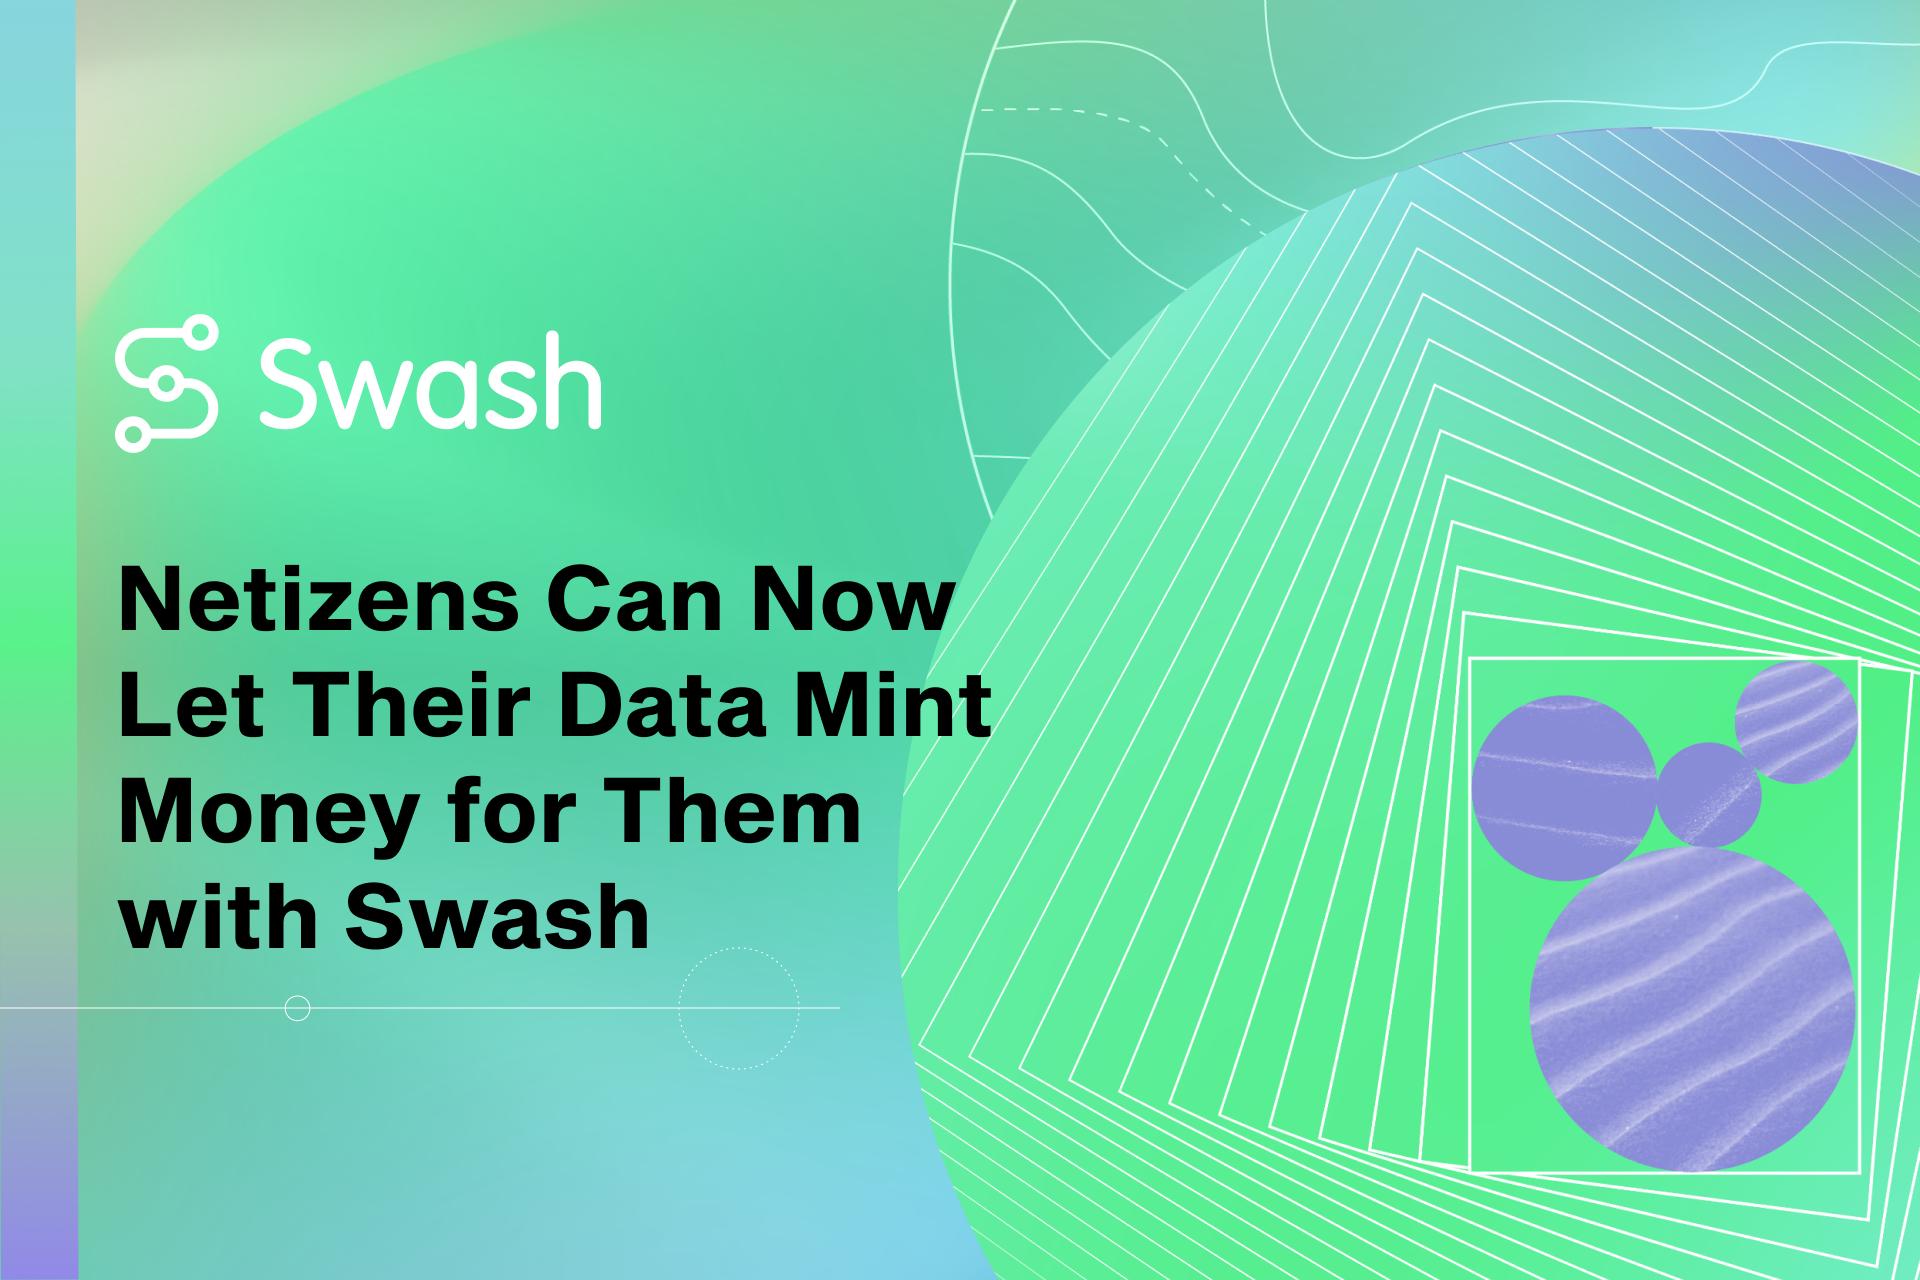 Пользователи сети теперь могут позволить своим данным чеканить для них деньги с помощью Swash